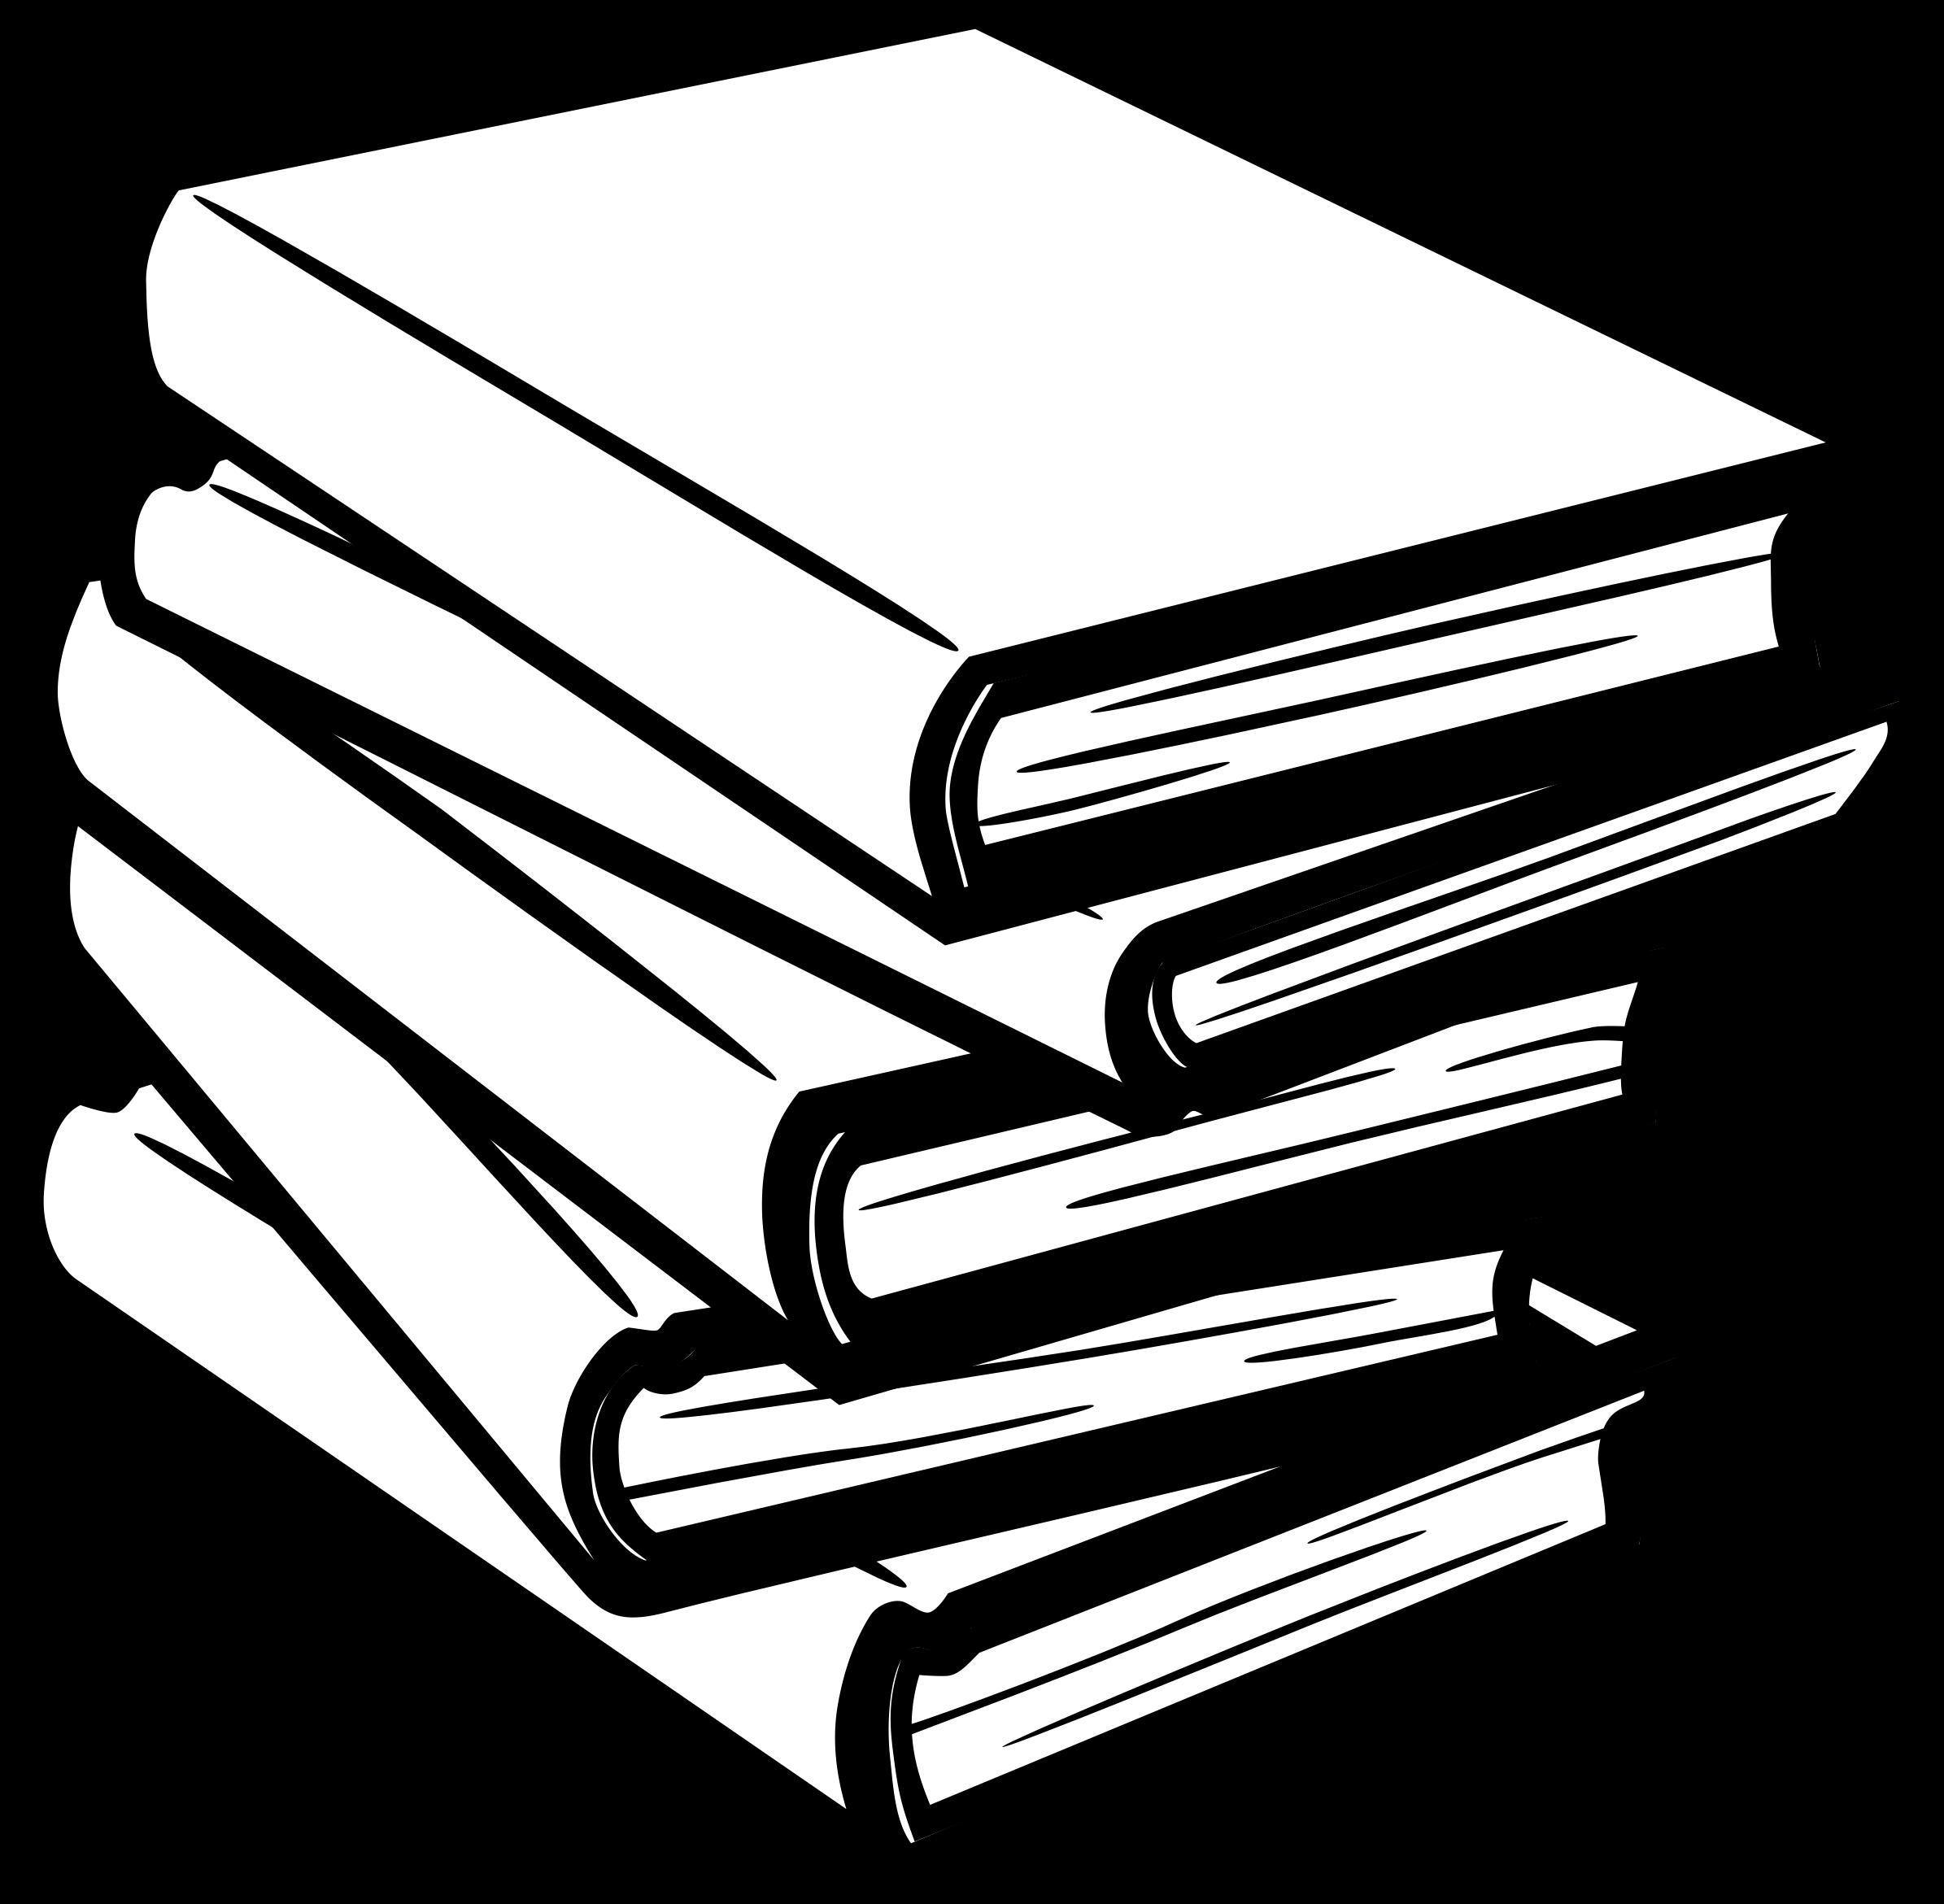 Book Wallpaper Art Bookroomredfarrowandball Bookimagescartoon Book Shelf Modern Book Clip Art Stack Of Books Clip Art